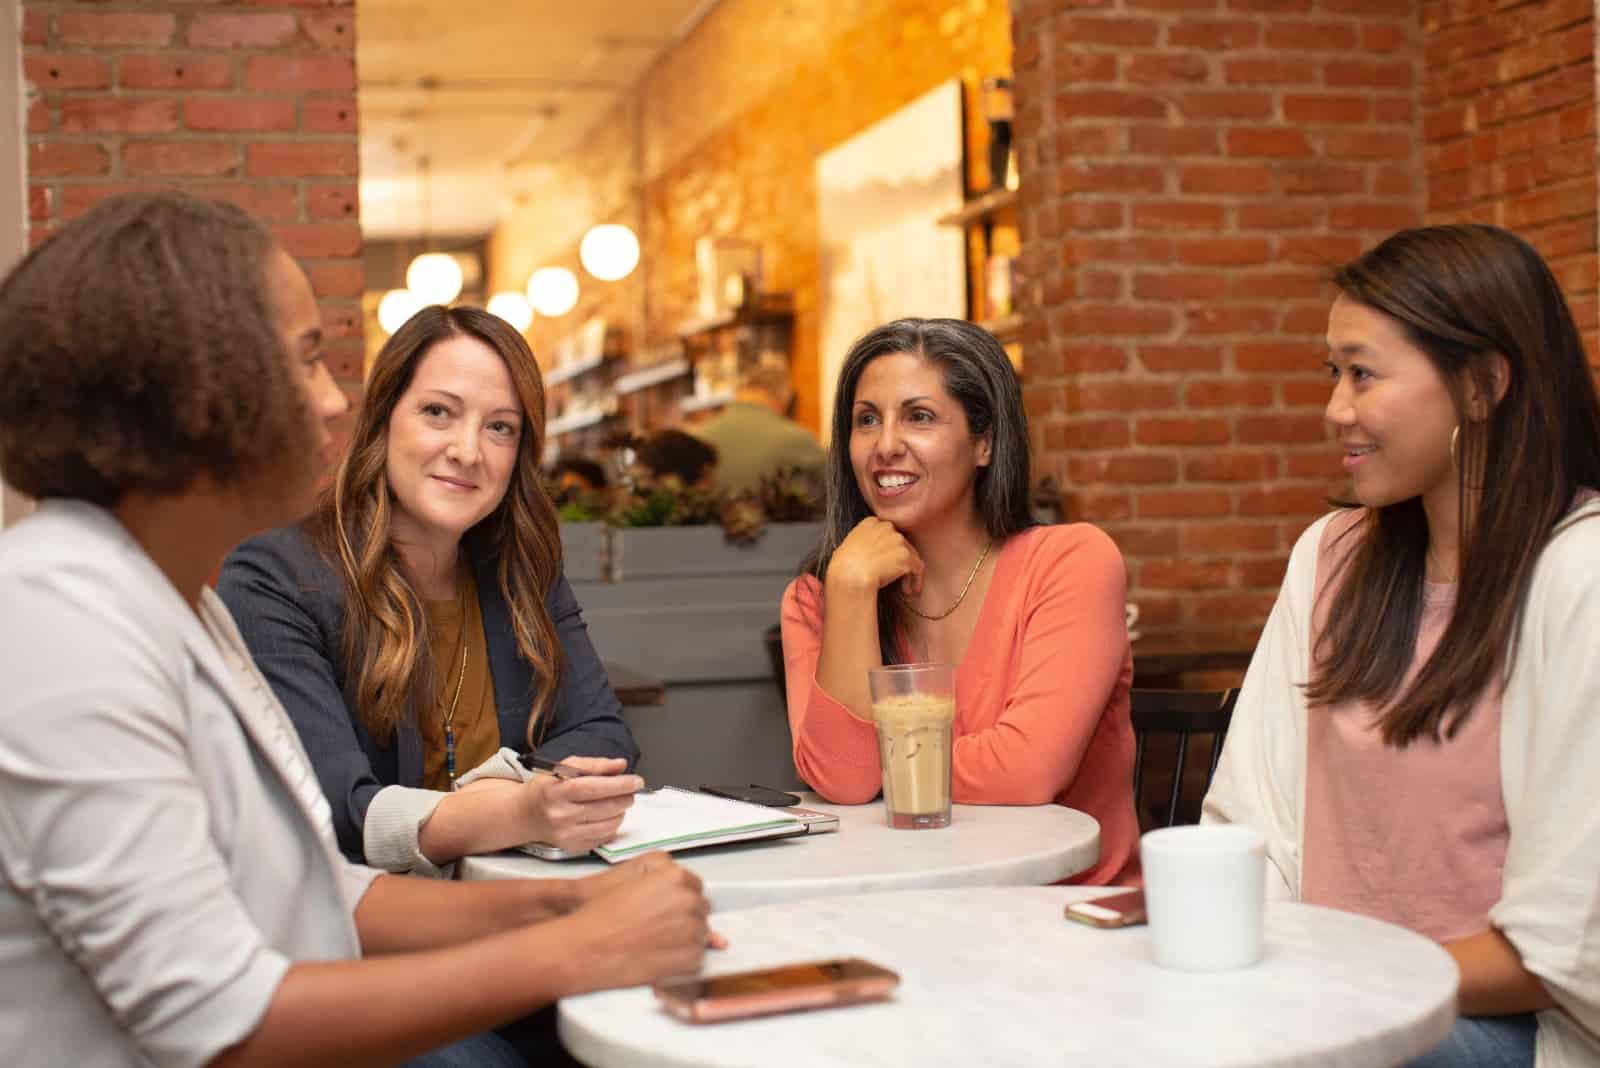 quatre femmes qui parlent assis dans un café